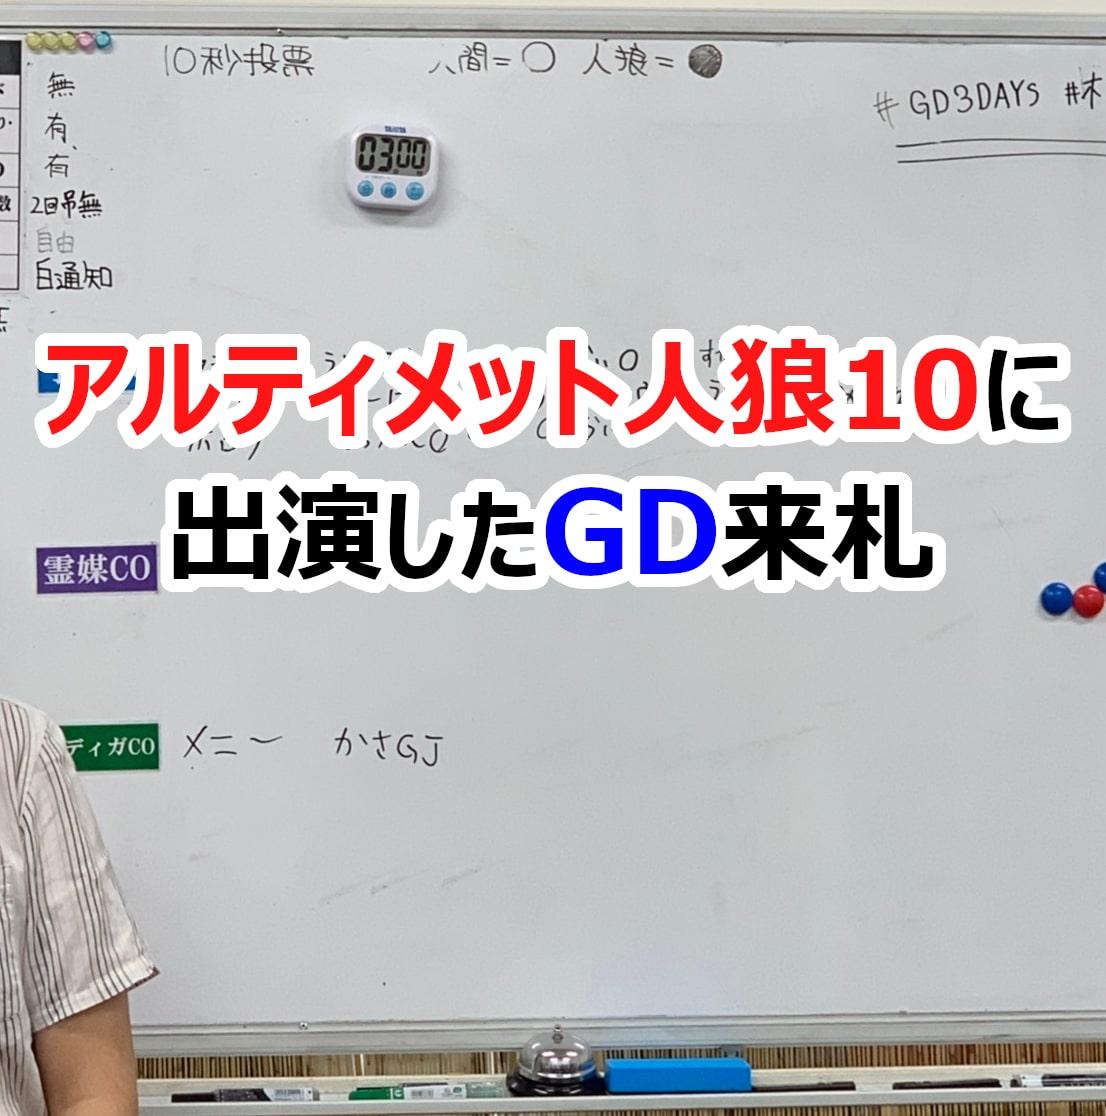 アルティメット人狼10にも出演したGDさん来札!GDさんと人狼ゲームができる札幌人狼一座の木曜アルティメットに参加してきました